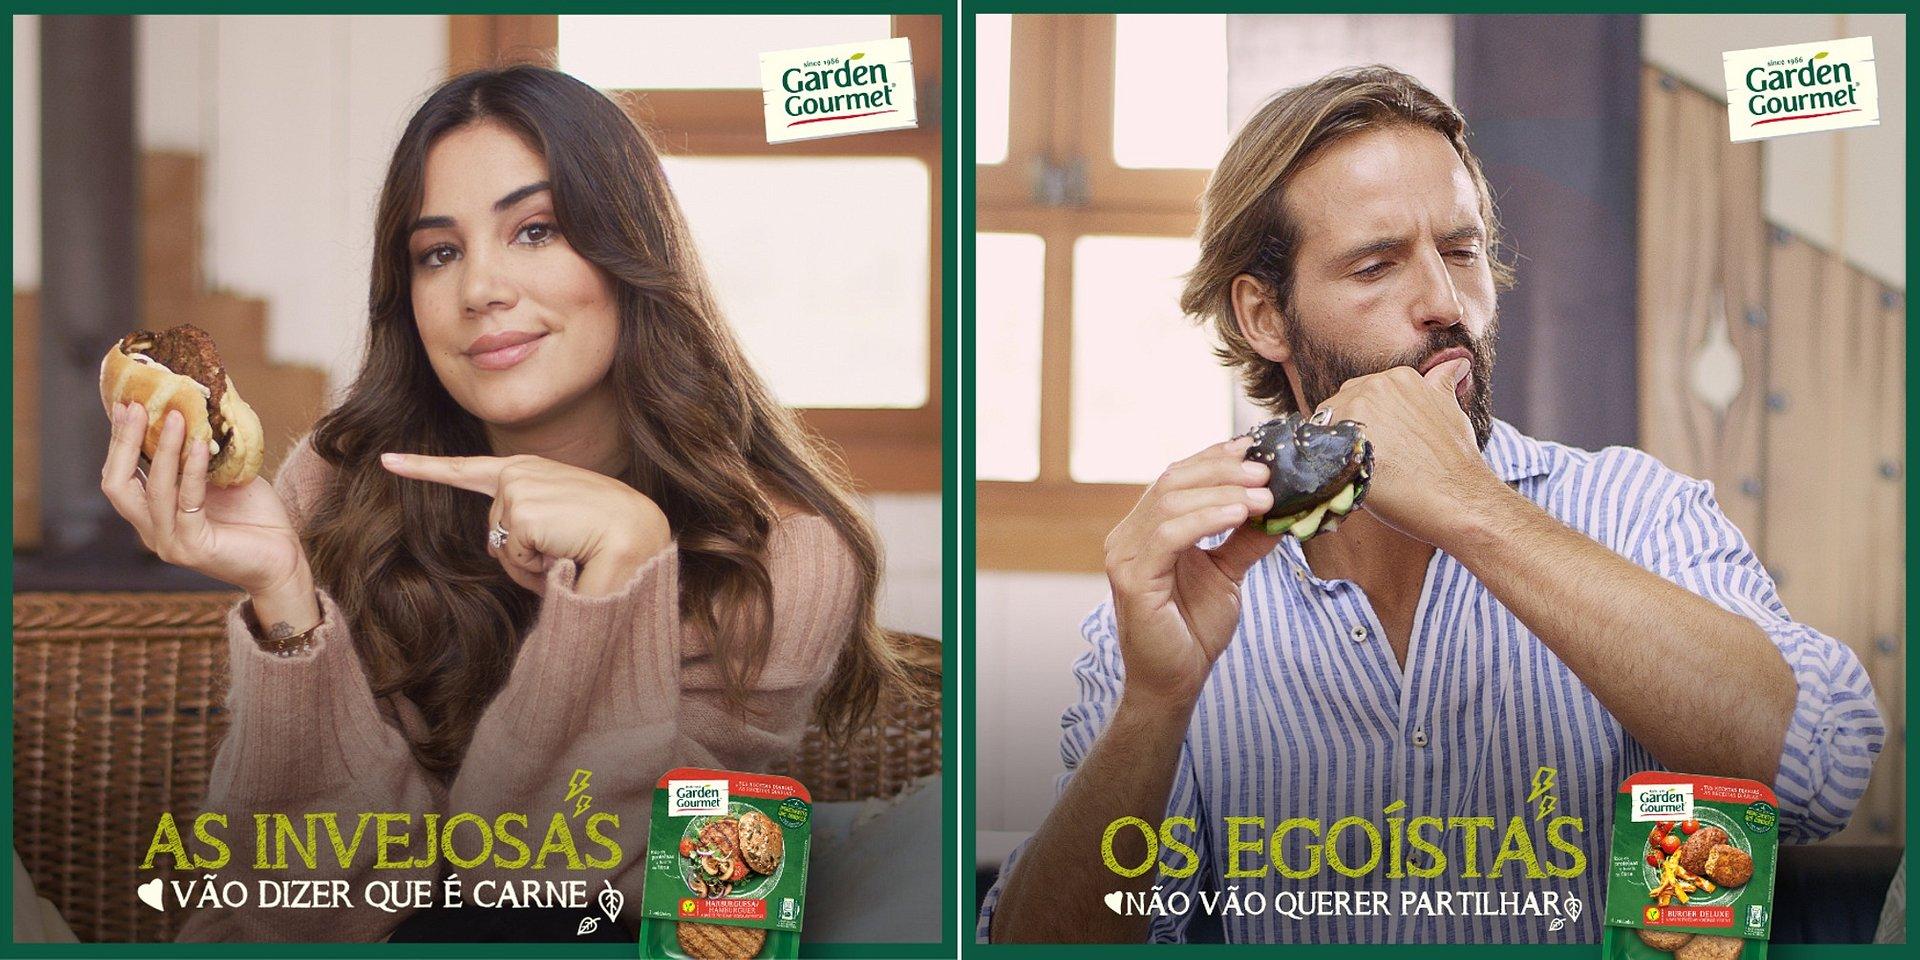 Mia Rose e Ricardo Guedes são o rosto da nova campanha de Garden Gourmet®